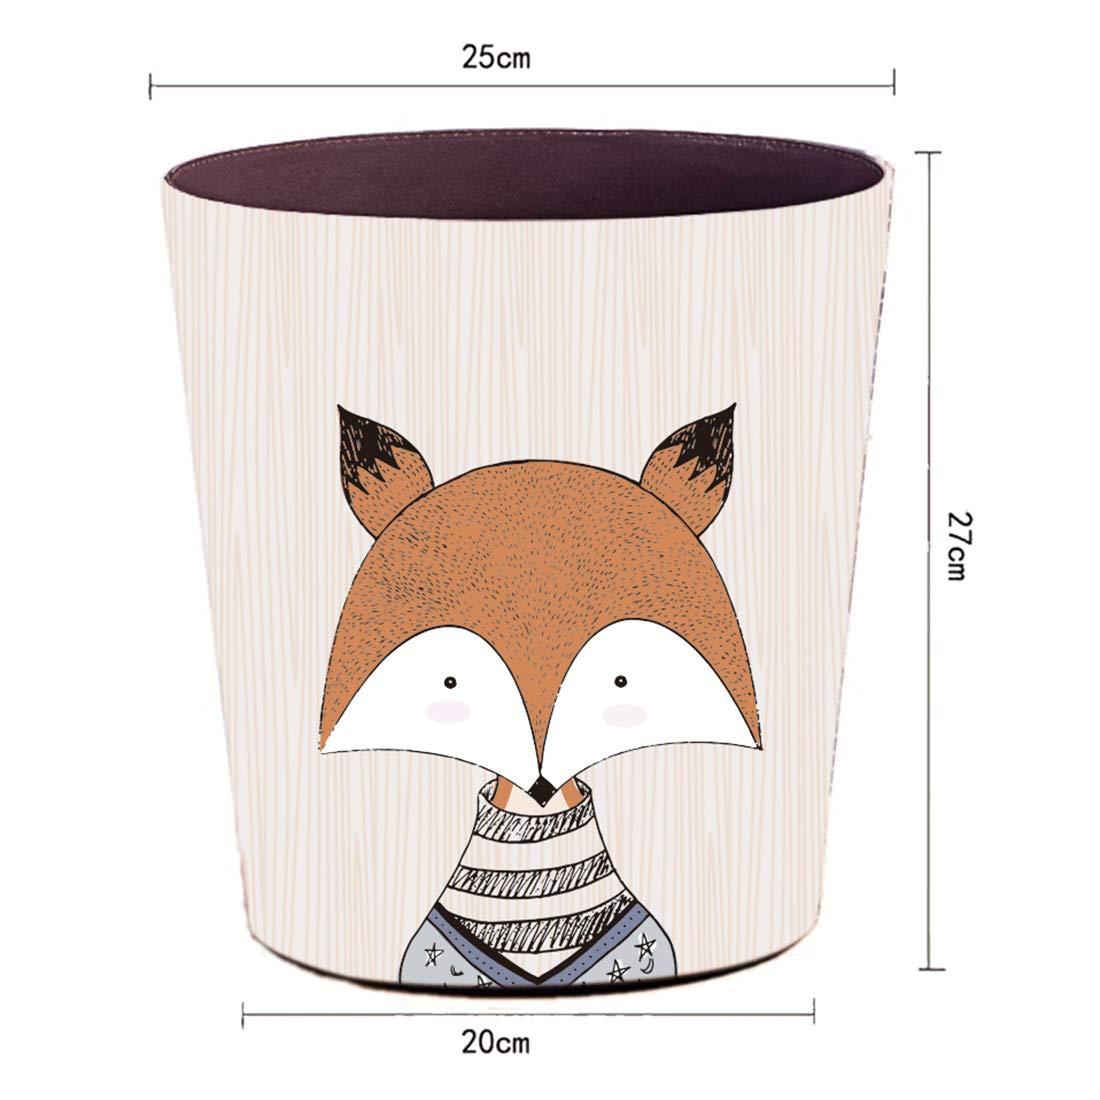 Foxom 10L PU Leder Cartoon Tier M/ülleimer Abfalleimer M/üllsammler Papierkorb Motif f/ür Kinderzimmer//B/üro//K/üche//Schlafzimmer Eule